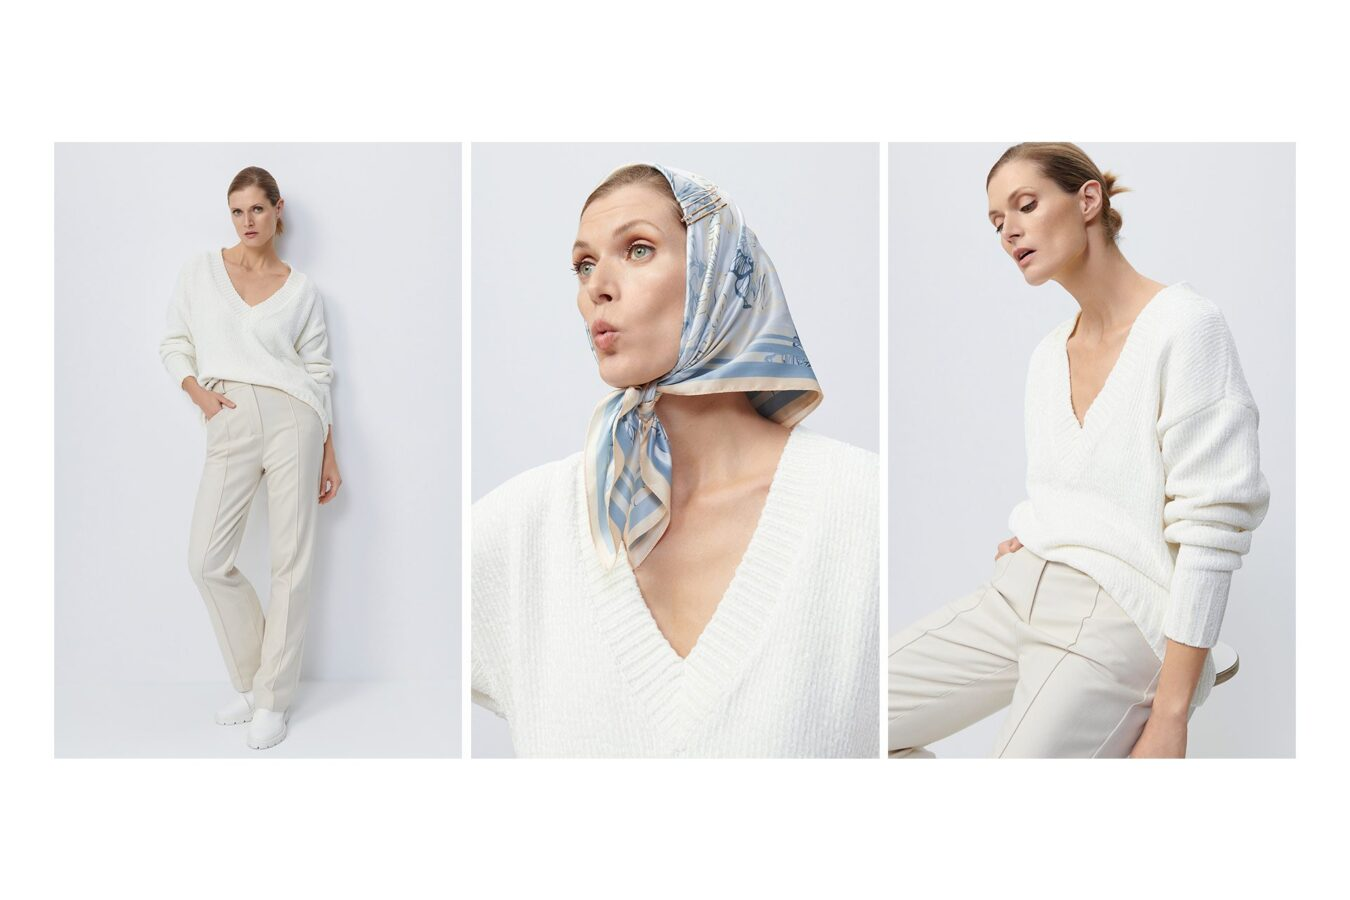 modelka w białych spodniach i chustce